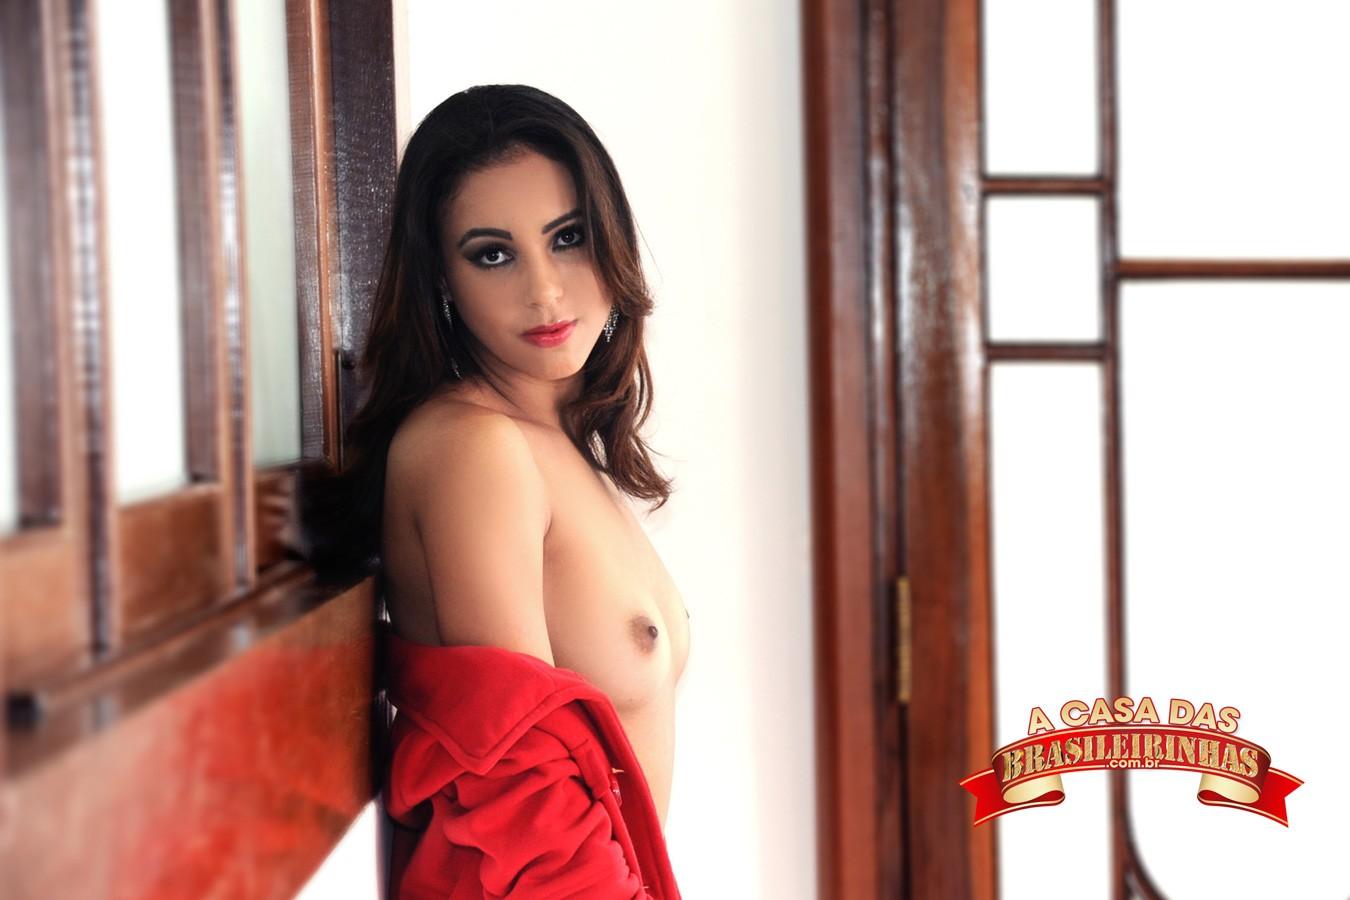 Amanda-Borges-na-Casa-das-Brasileirinhas.jpg